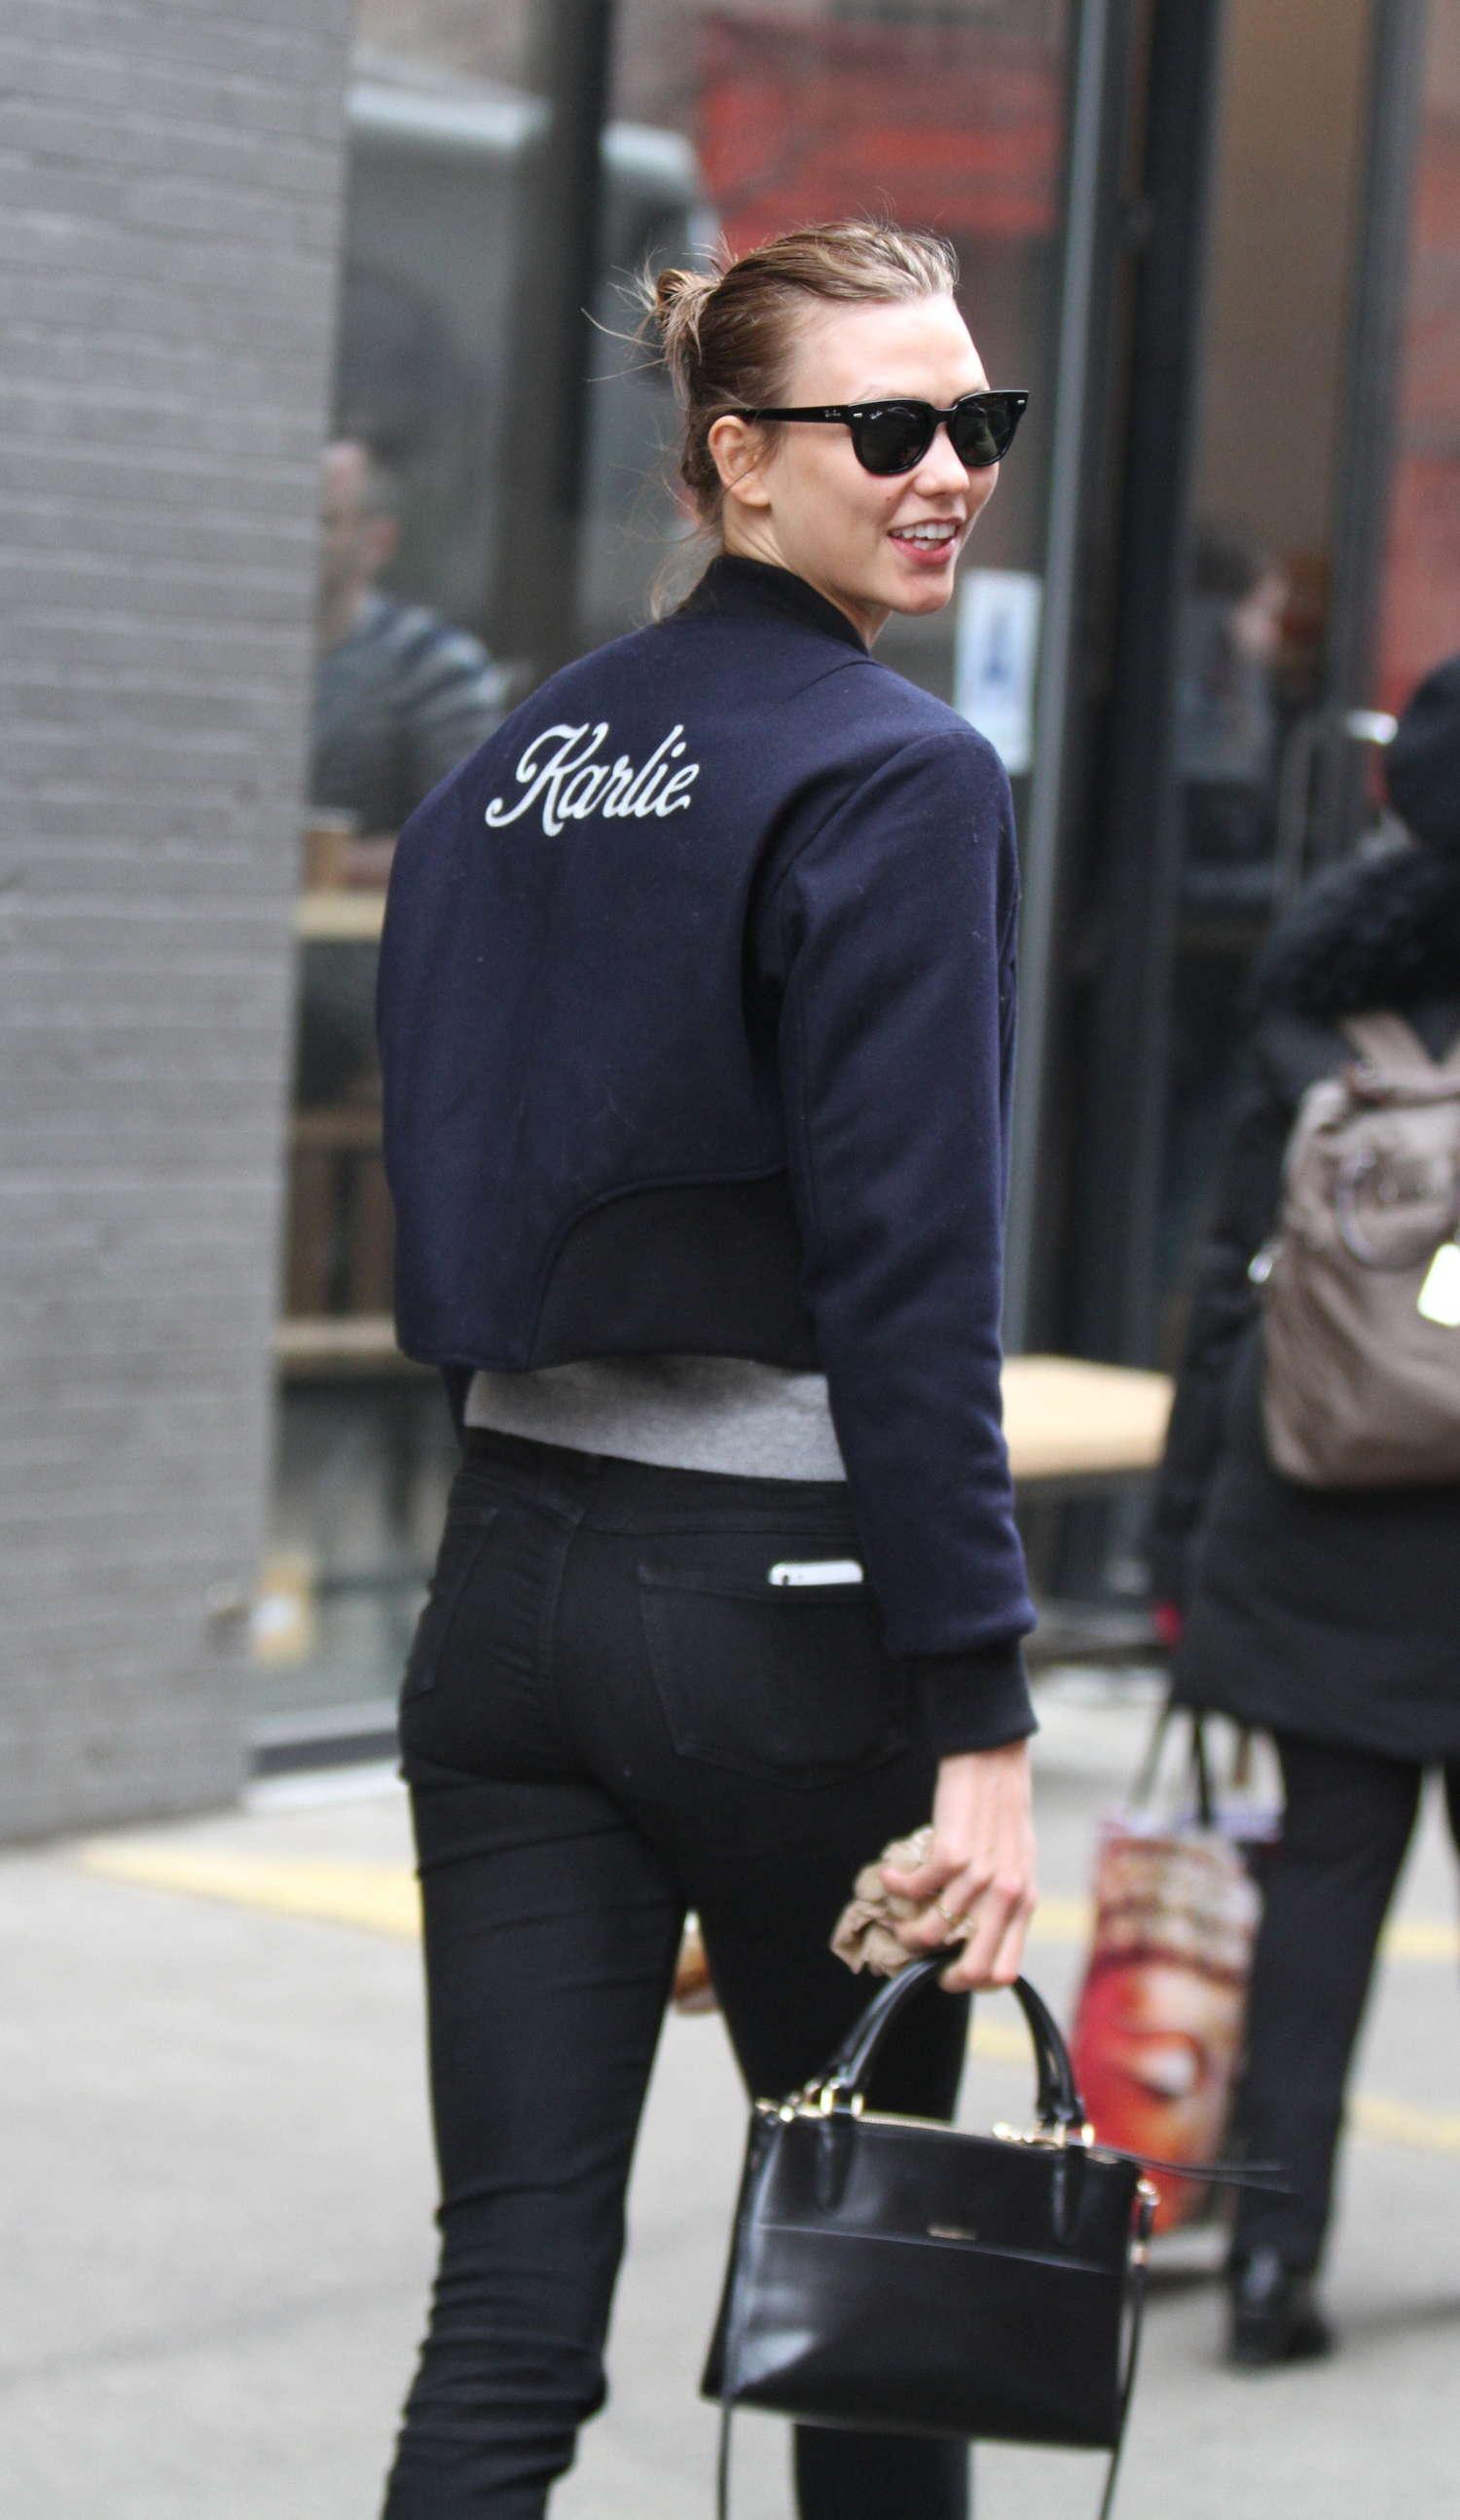 Karlie Kloss 2014 : Karlie Kloss in Tight Jeans -06